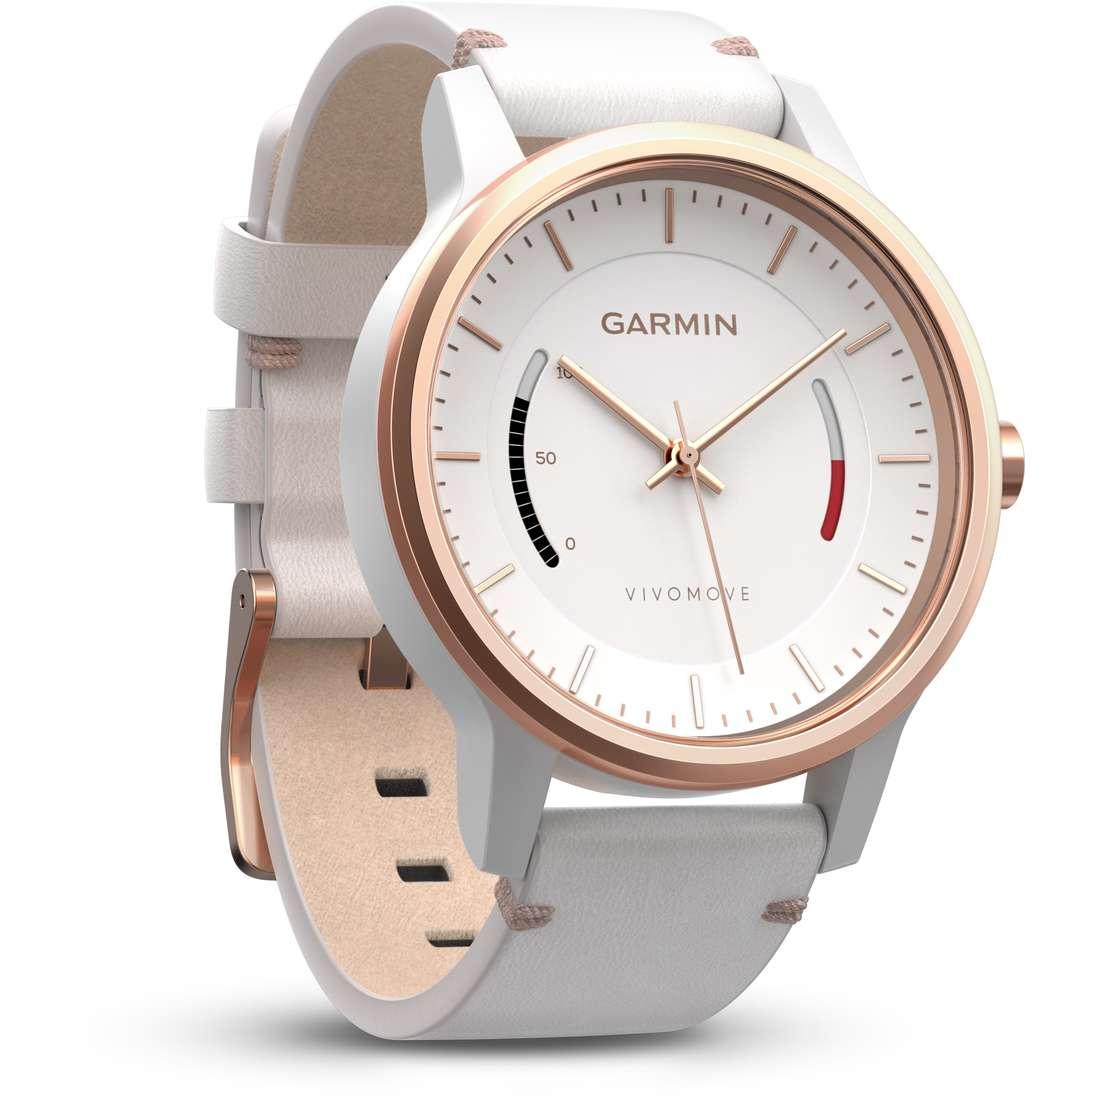 watch Smartwatch unisex Garmin Vivomove 010-01597-11